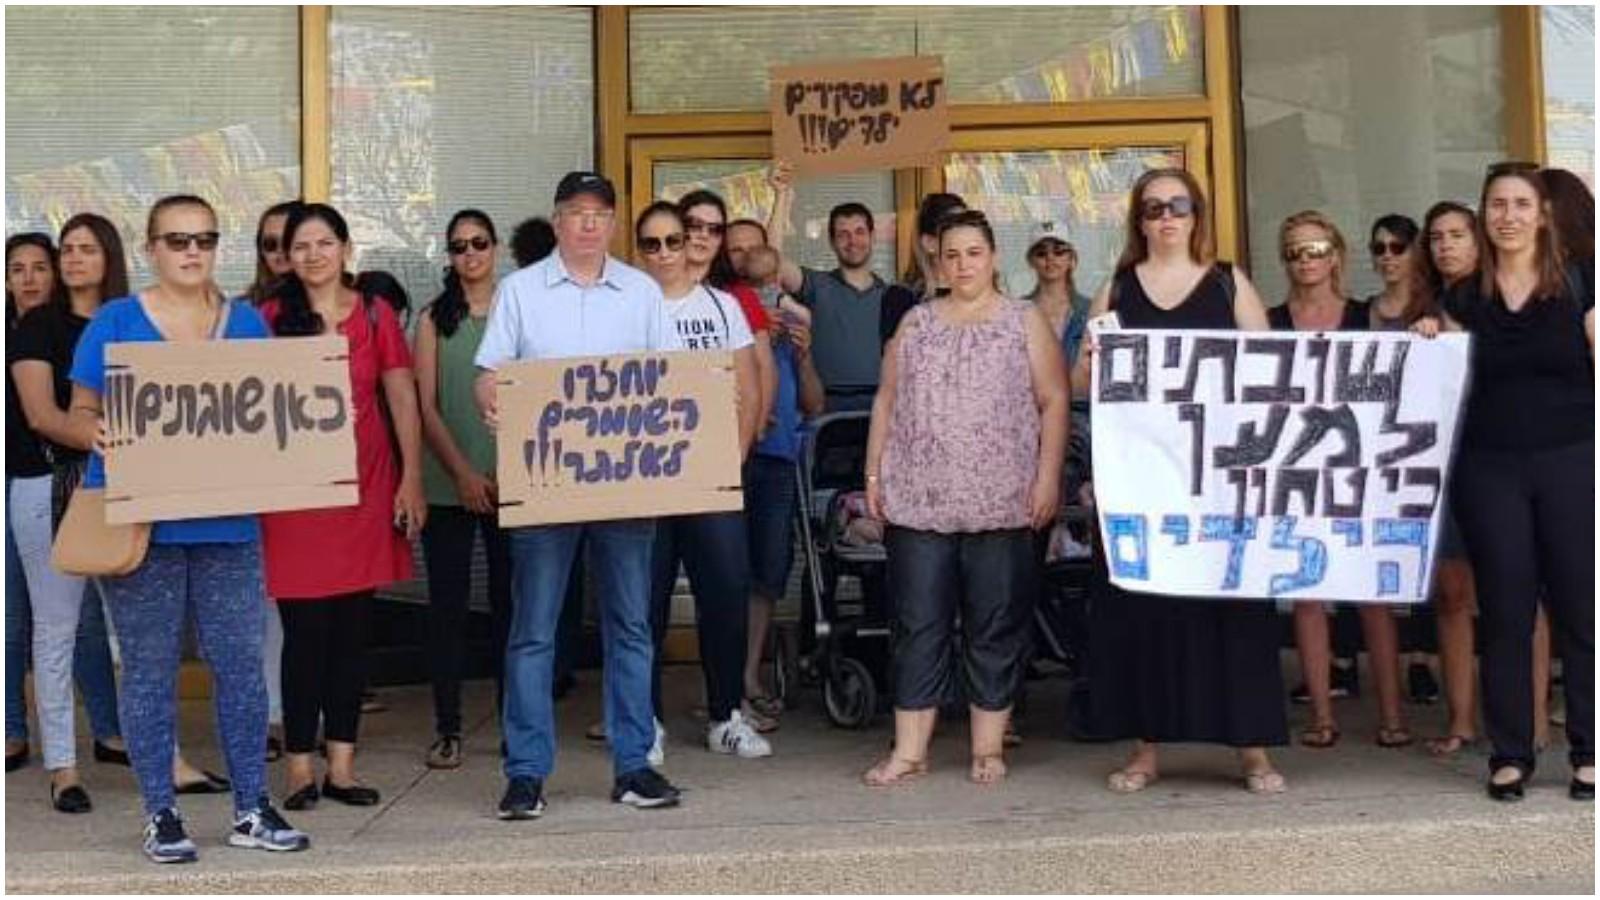 הפגנה בנושא השמירה מול העירייה. צילום מטה ההורים העירוני